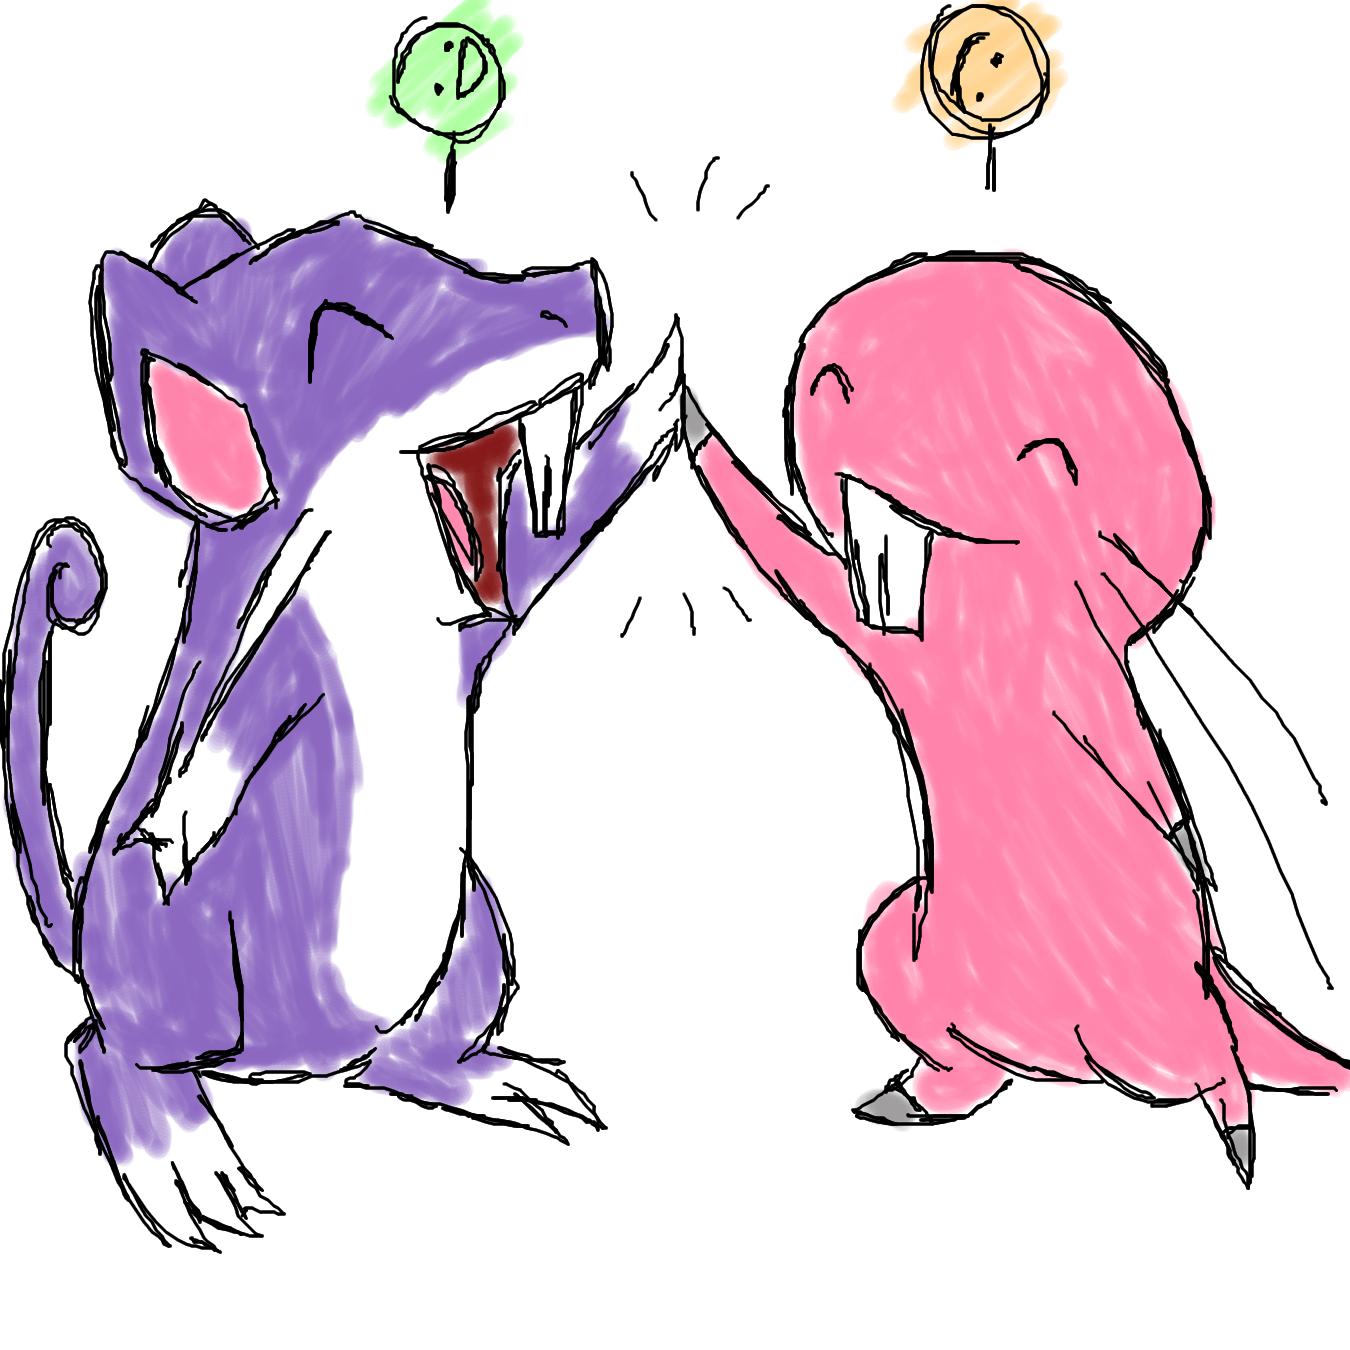 Rattata and Rufus by kamoku_hito